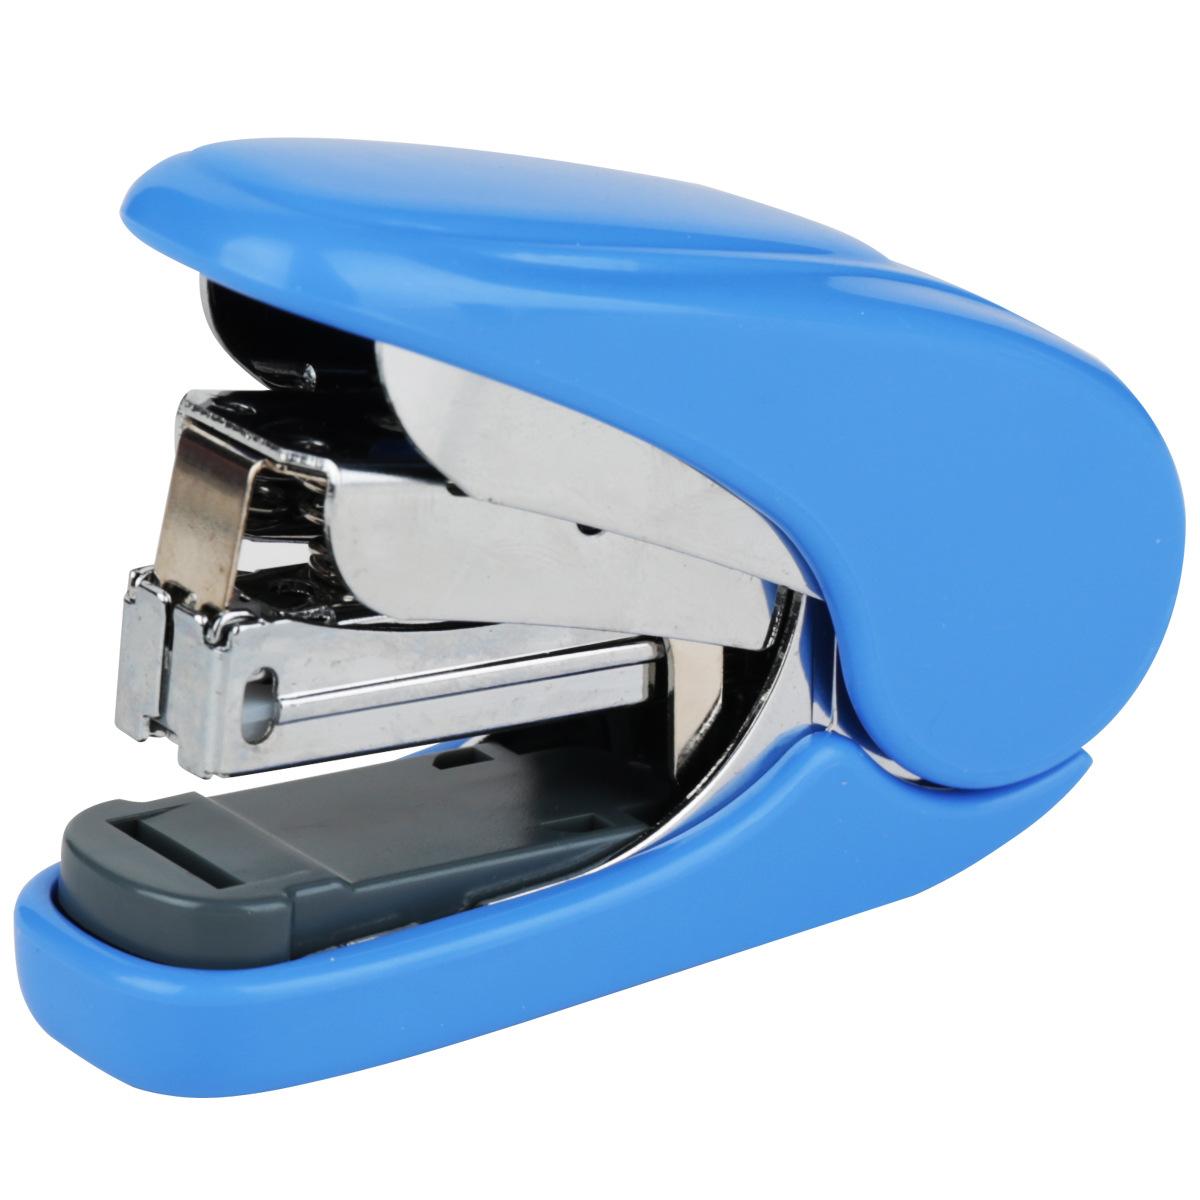 得力0363 订书器学生用标准型钉书机 多功能省力经济中小型装钉器